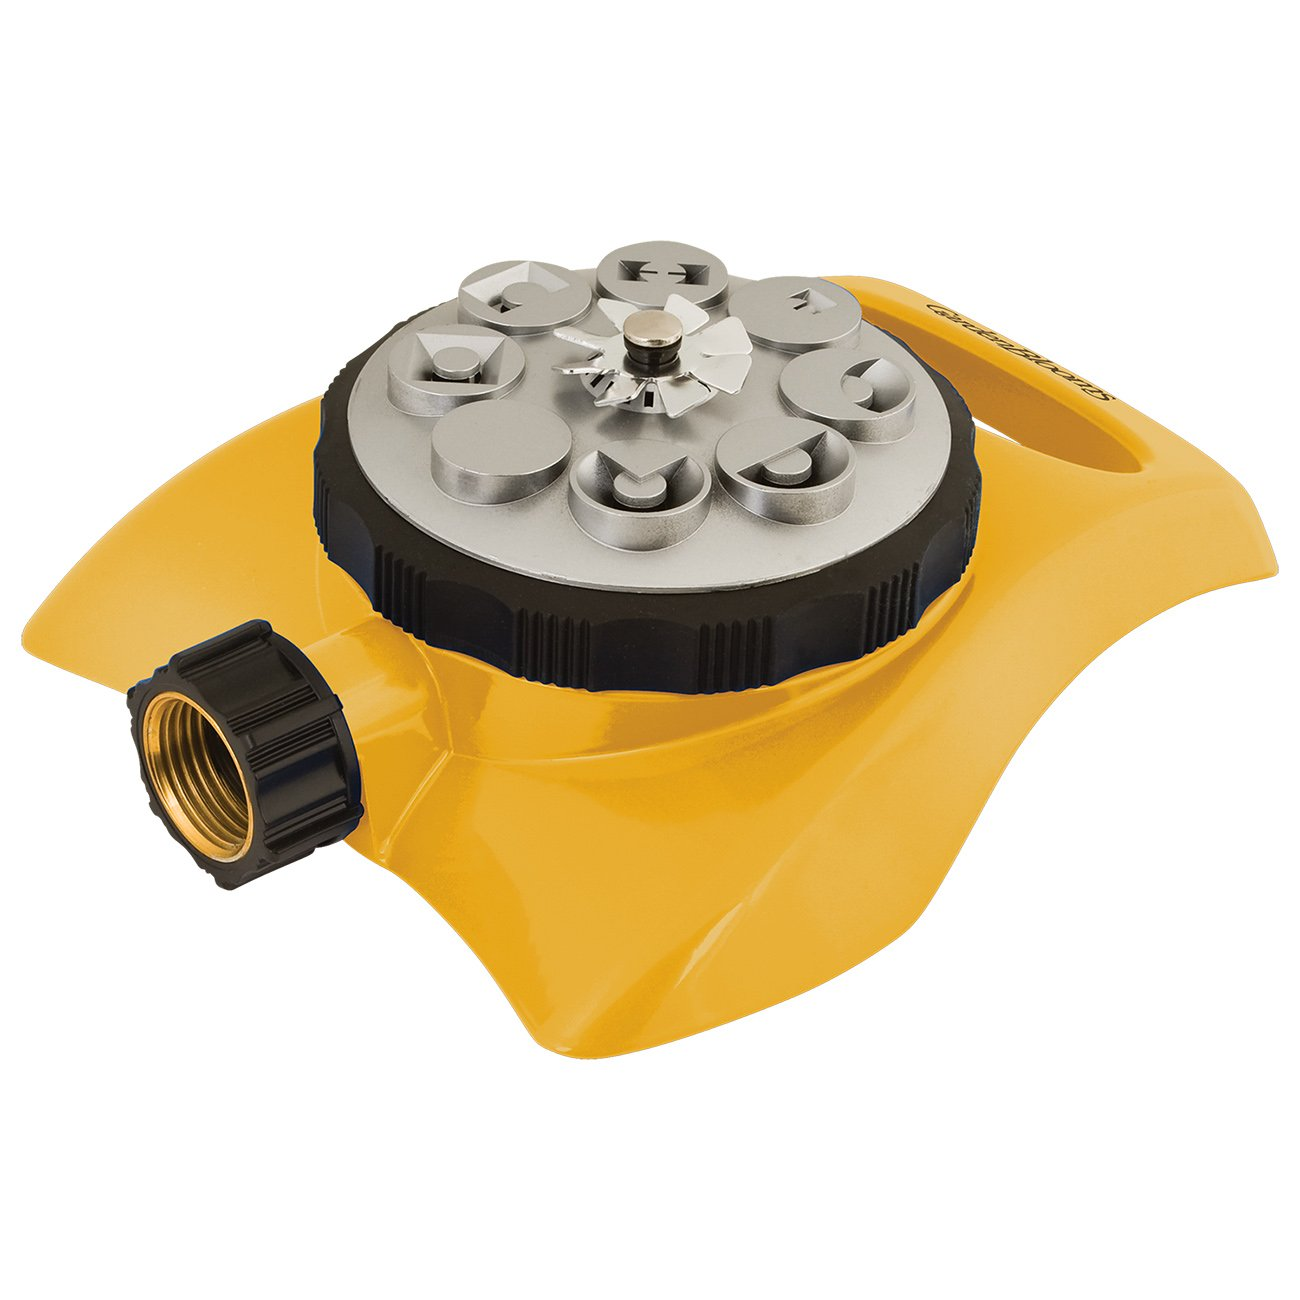 8 Pattern Metal Turret Sprinkler, Yellow